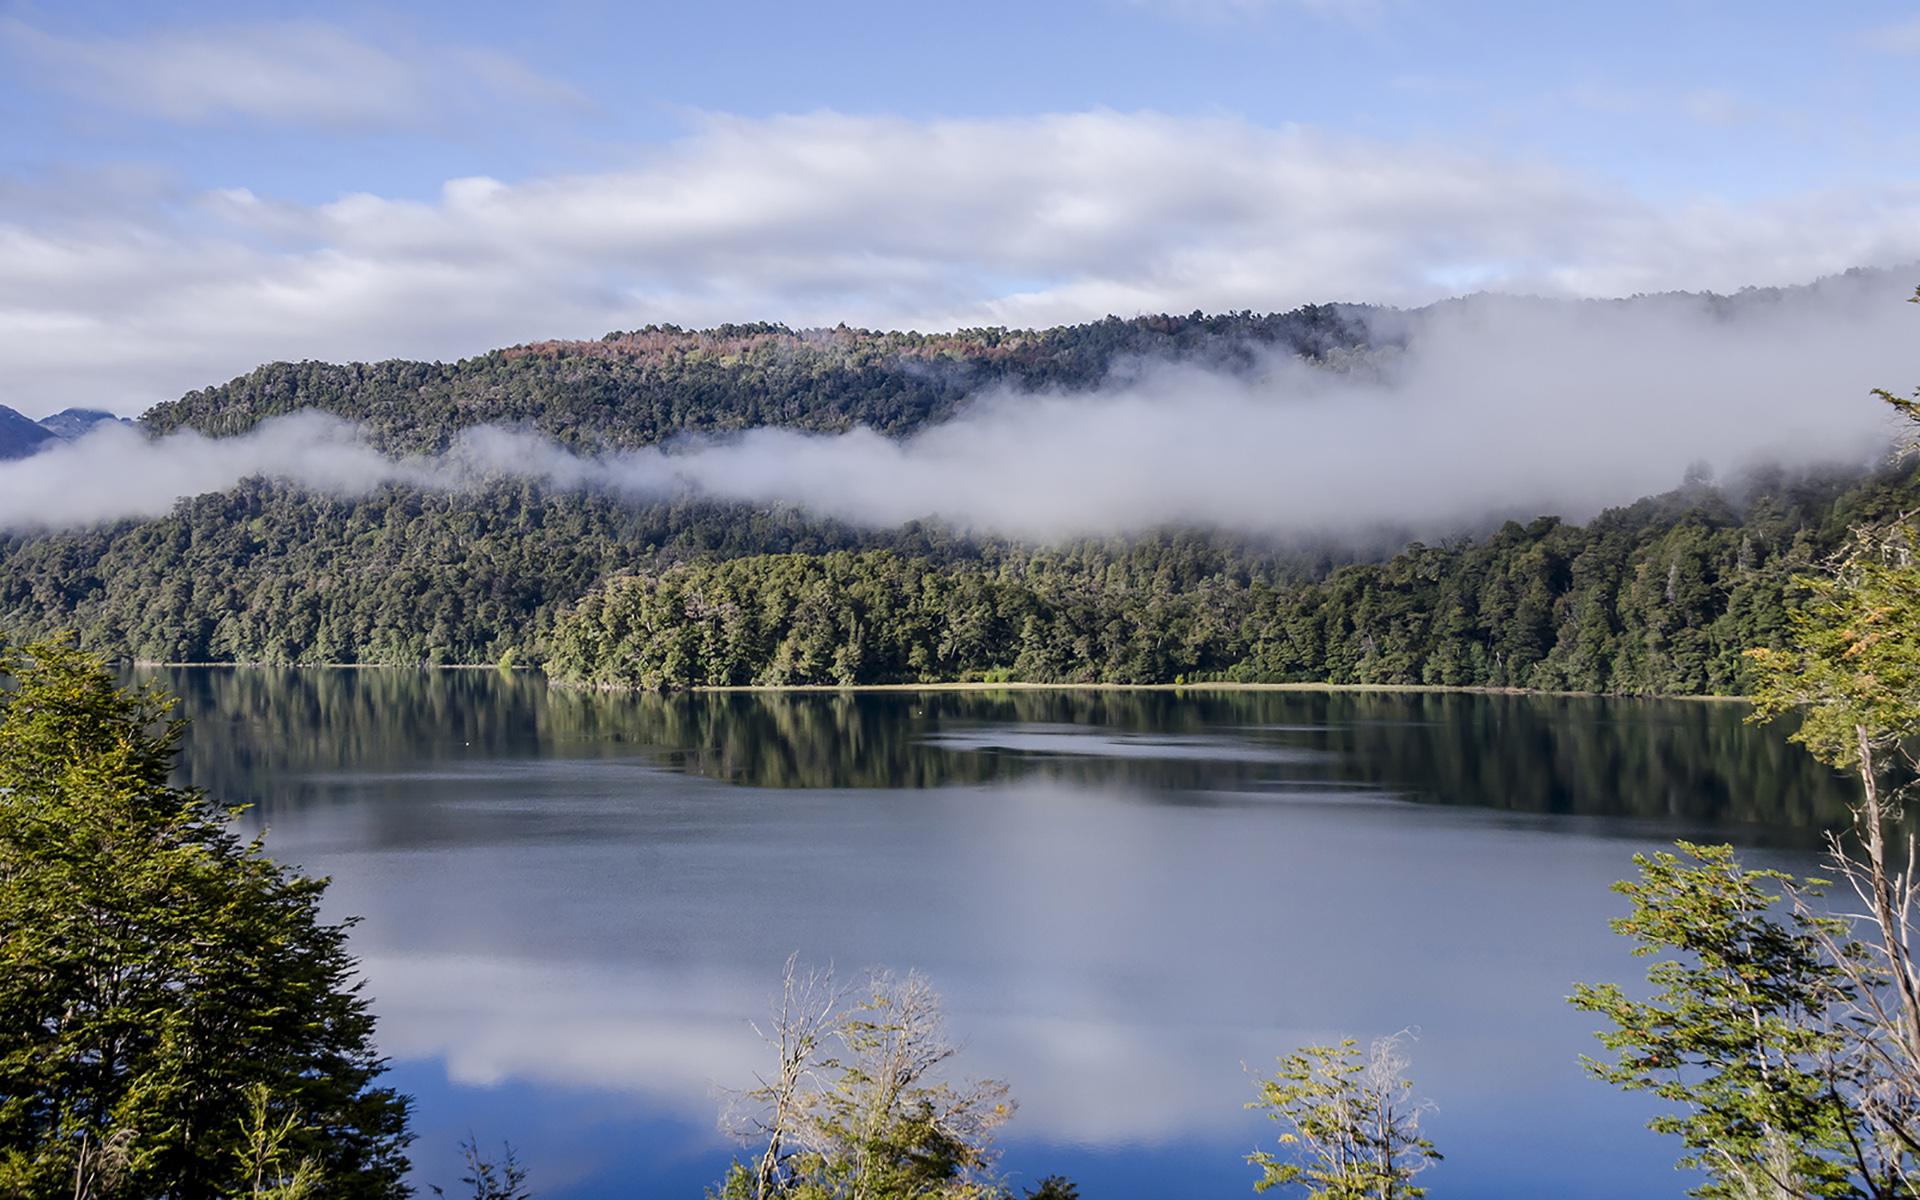 Compartido por las provincias patagónicas de Neuquén y Río Negro, es el parque nacional más antiguo del país. Bosques húmedos y fríos, nieves eternas en sus cerros más icónicos y una gran variedad de lagos arroyos y ríos conforman un paisaje excepcional admirado en todo el mundo